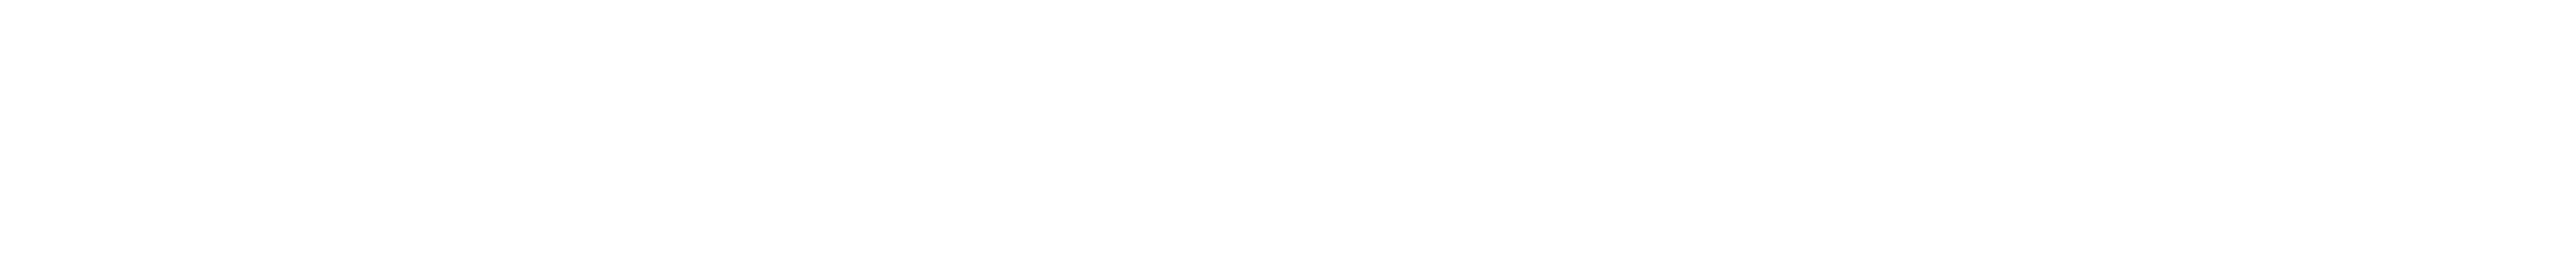 Microsoft For Startups logo - BagID er partner med Microsoft For Startups